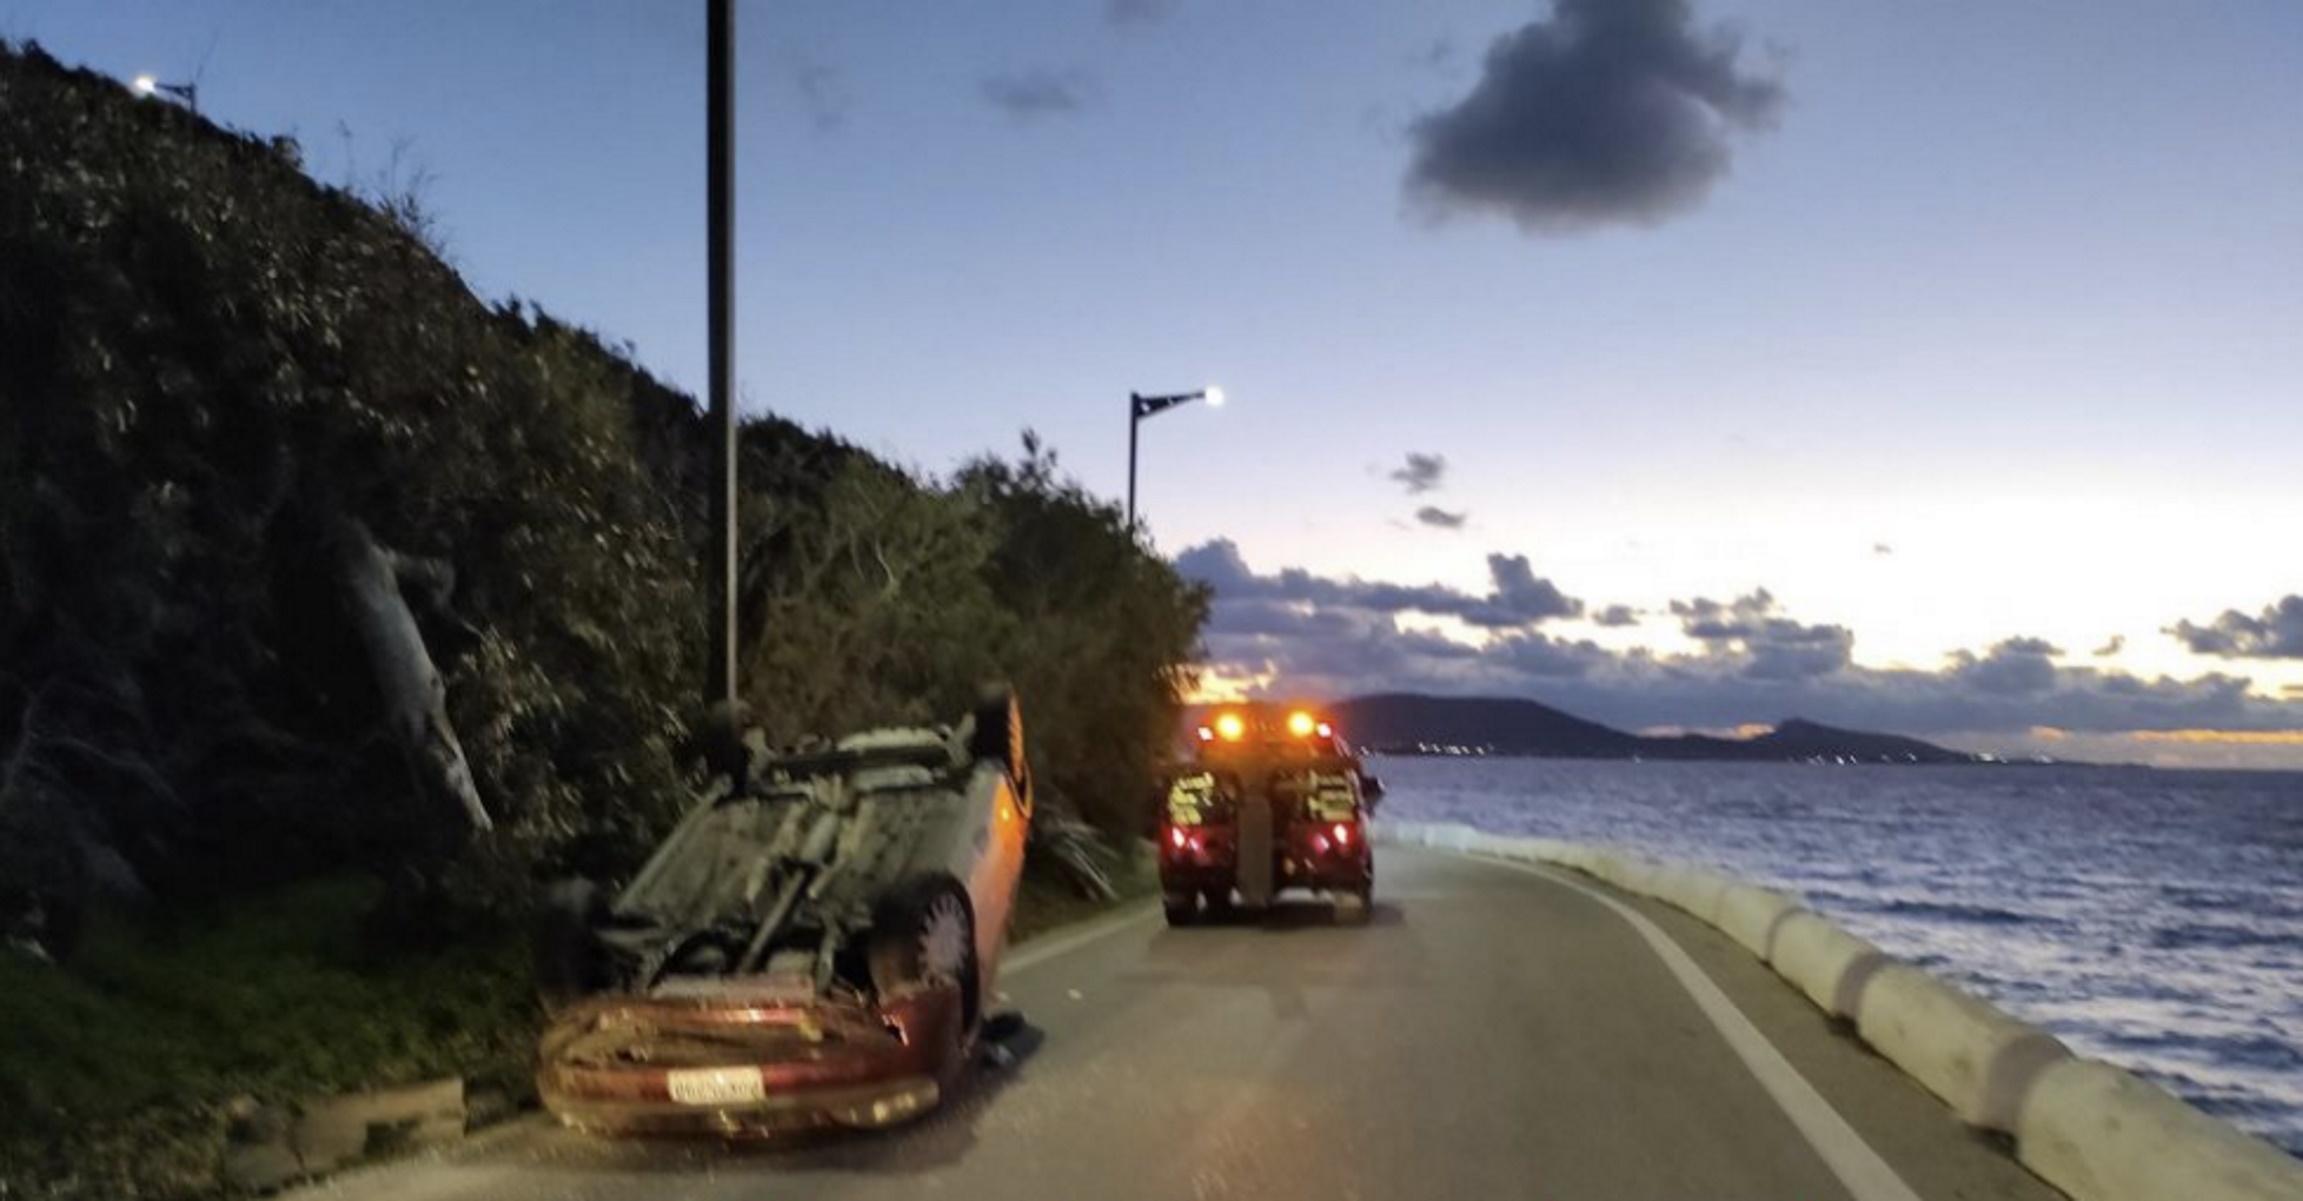 Σοκαριστικό τροχαίο στη Ρόδο – Αυτοκίνητο χτύπησε στις μπάρες και αναποδογύρισε (pics)